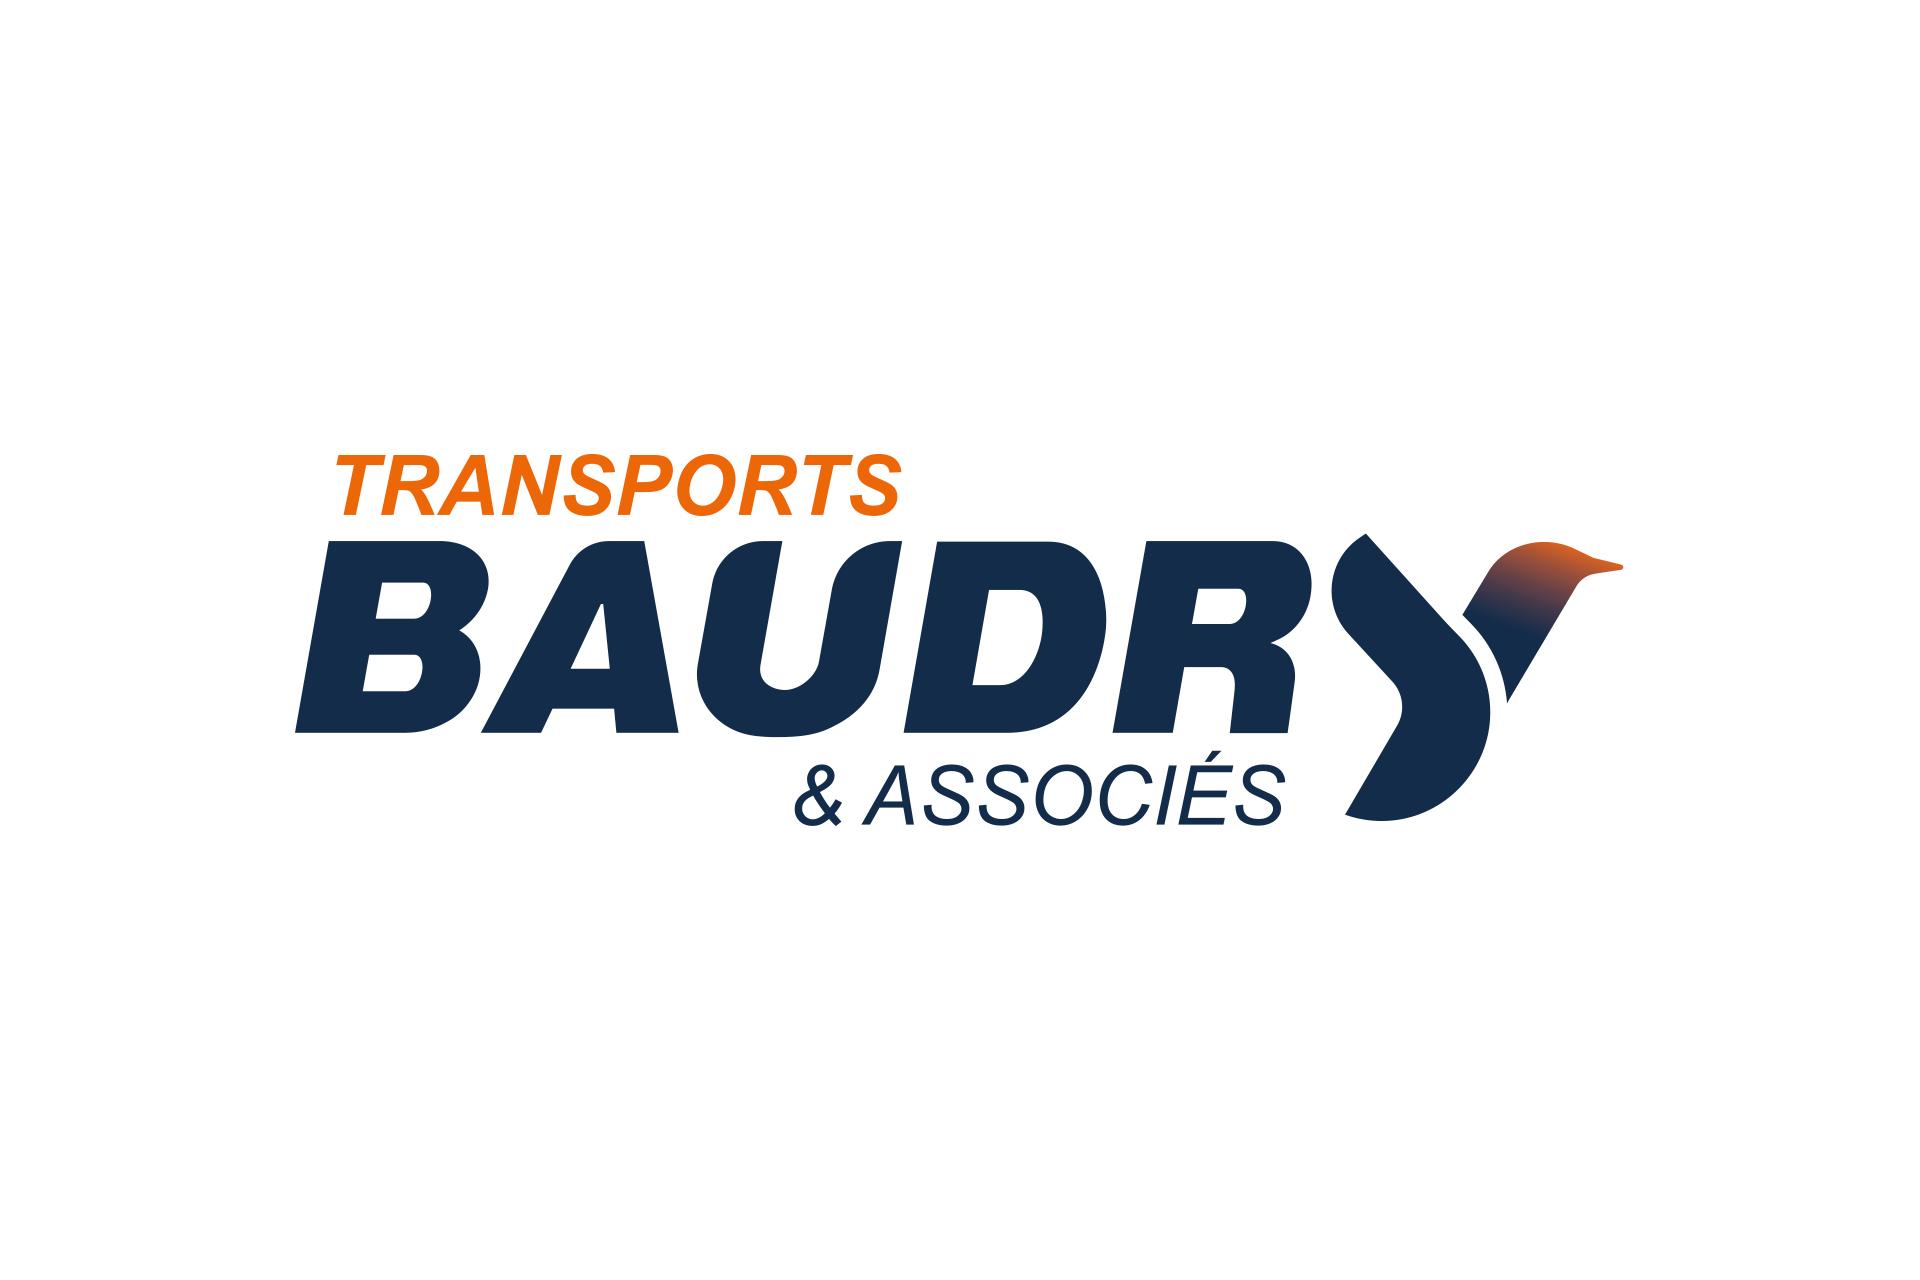 Nouvelle identité pour Transports Baudry et associés